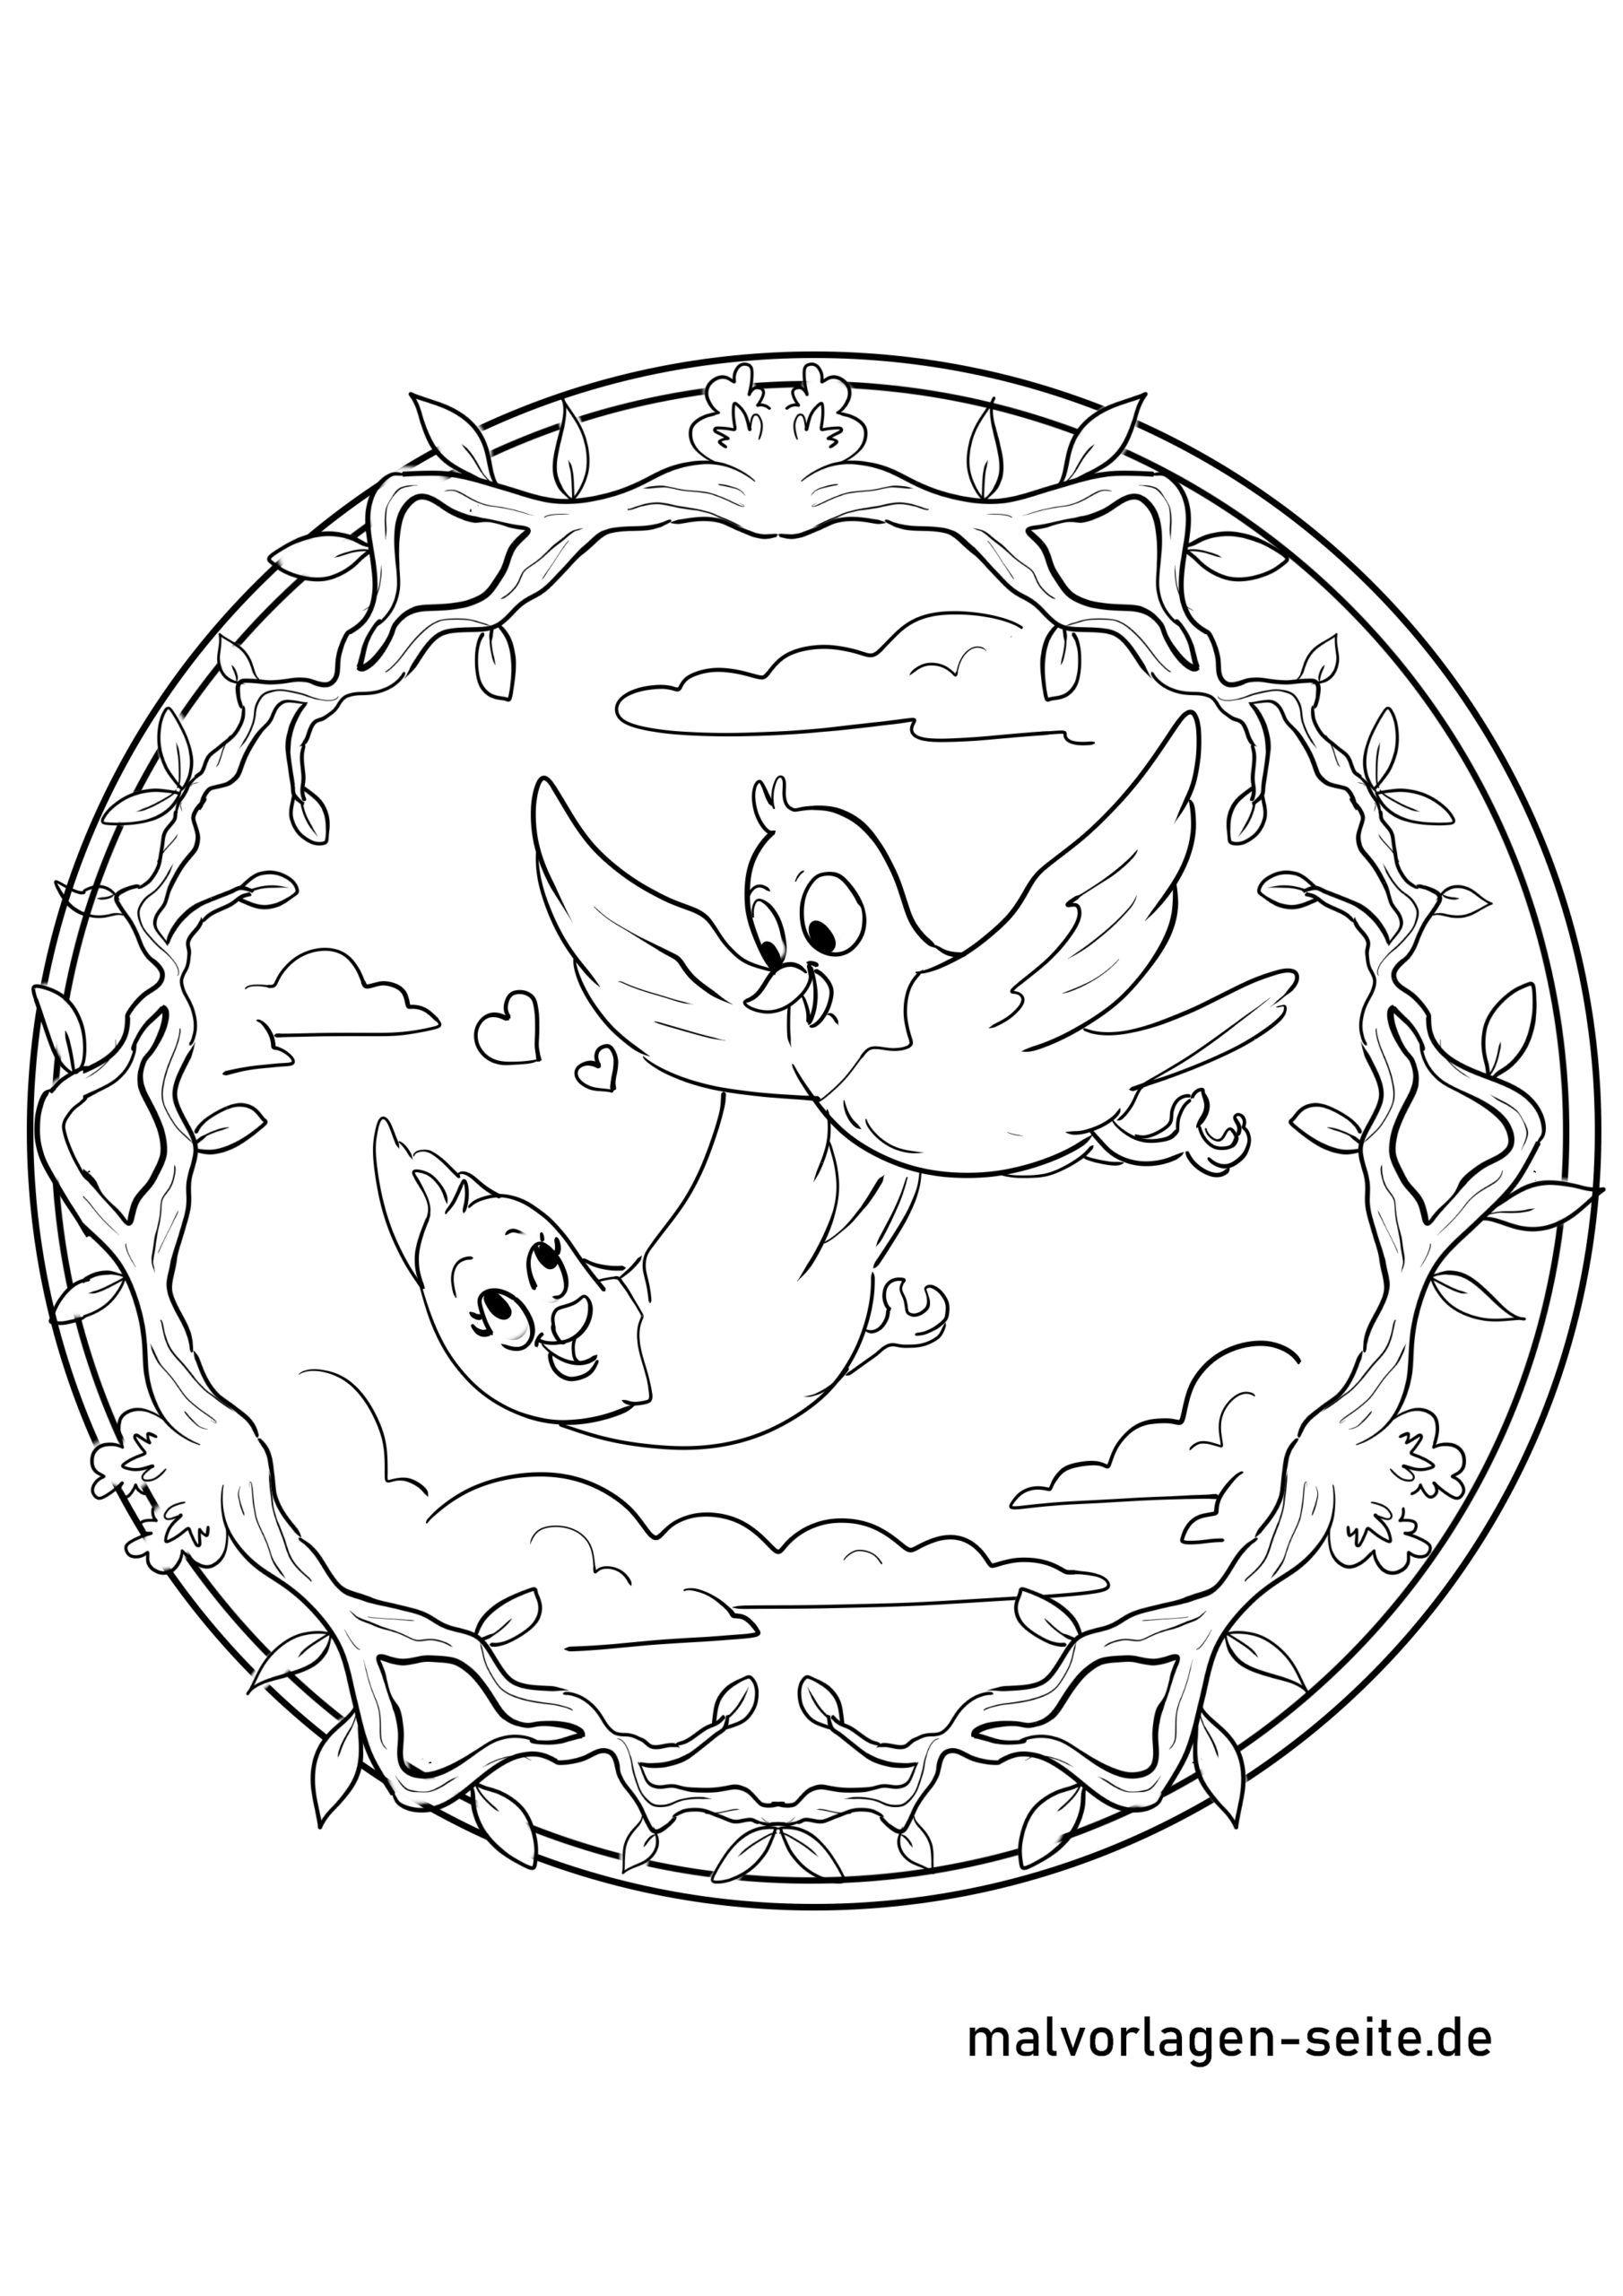 Mandala Vögel - Ausmalbilder Kostenlos Herunterladen innen Mandala Vogel